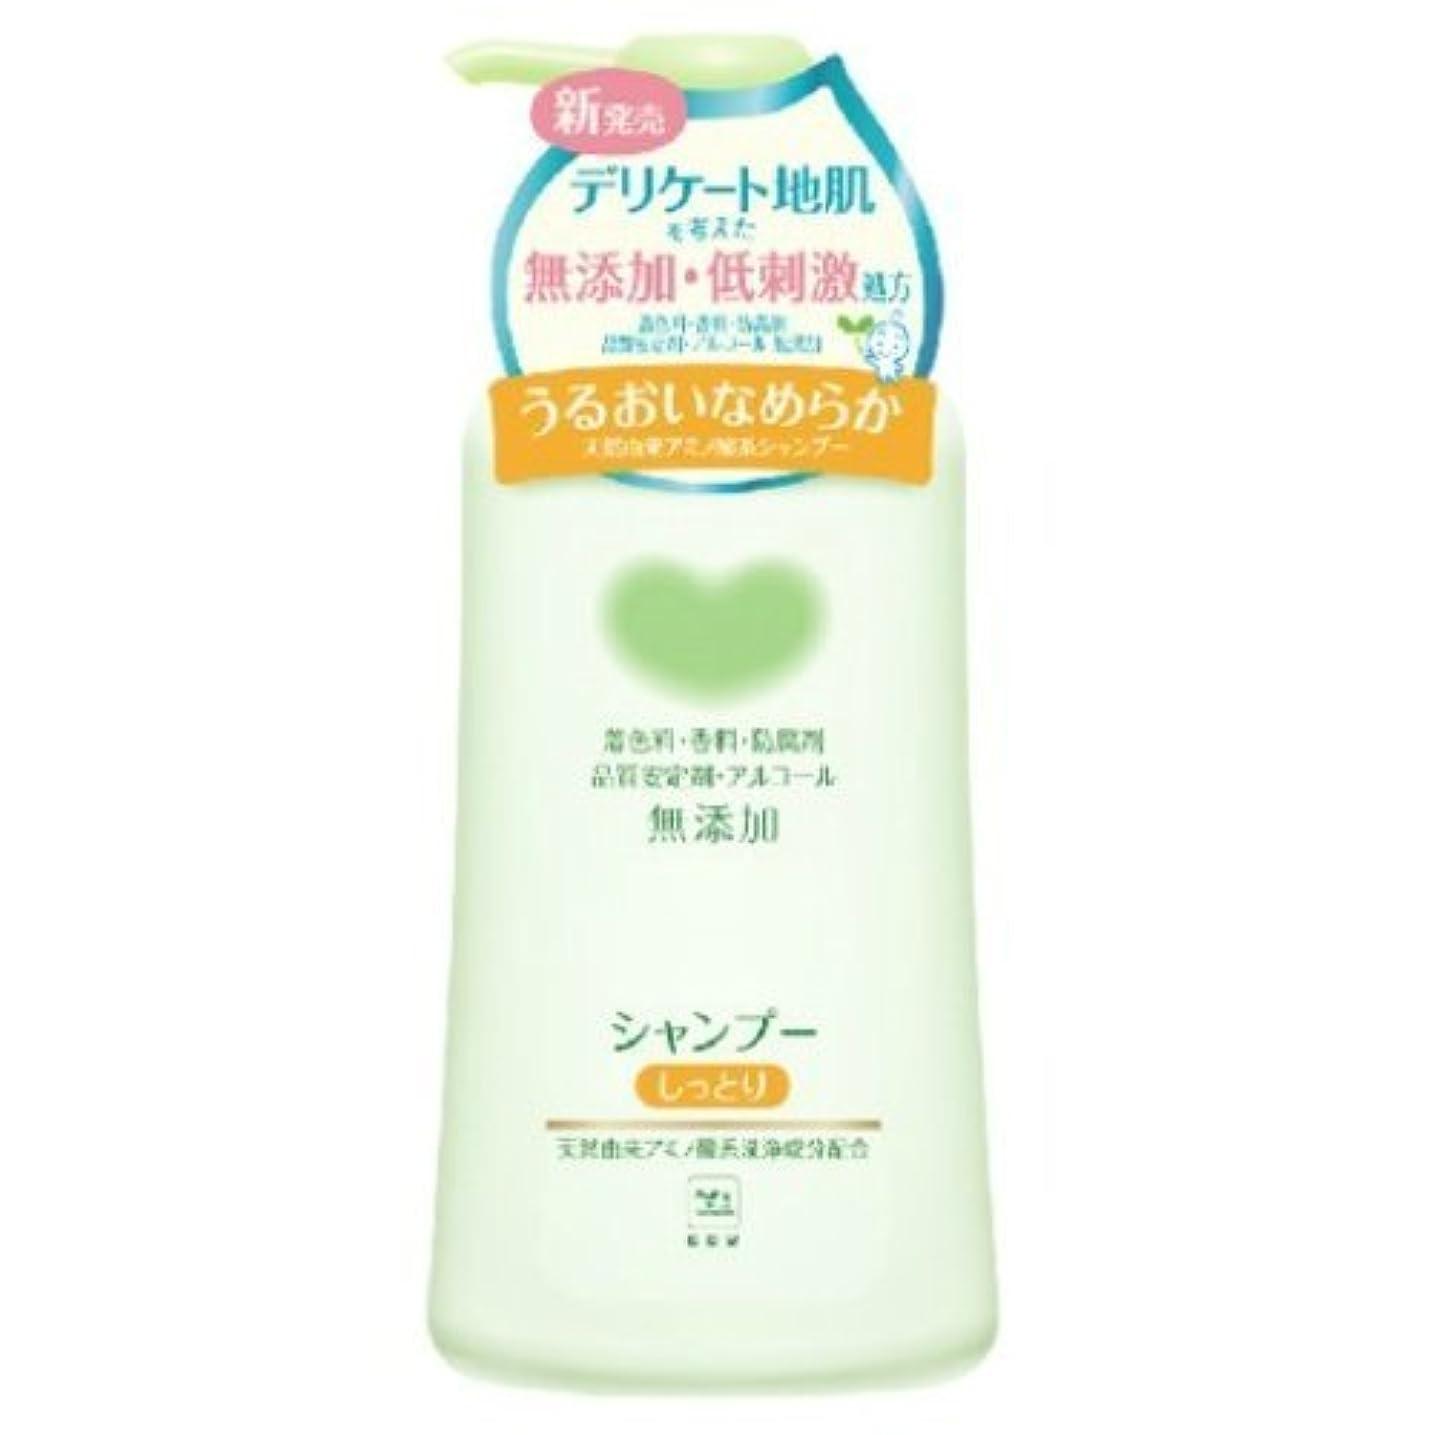 チューリップベット呼吸牛乳石鹸 カウブランド 無添加 シャンプー しっとり ポンプ付き 500ml 本体×12点セット(4901525007245)